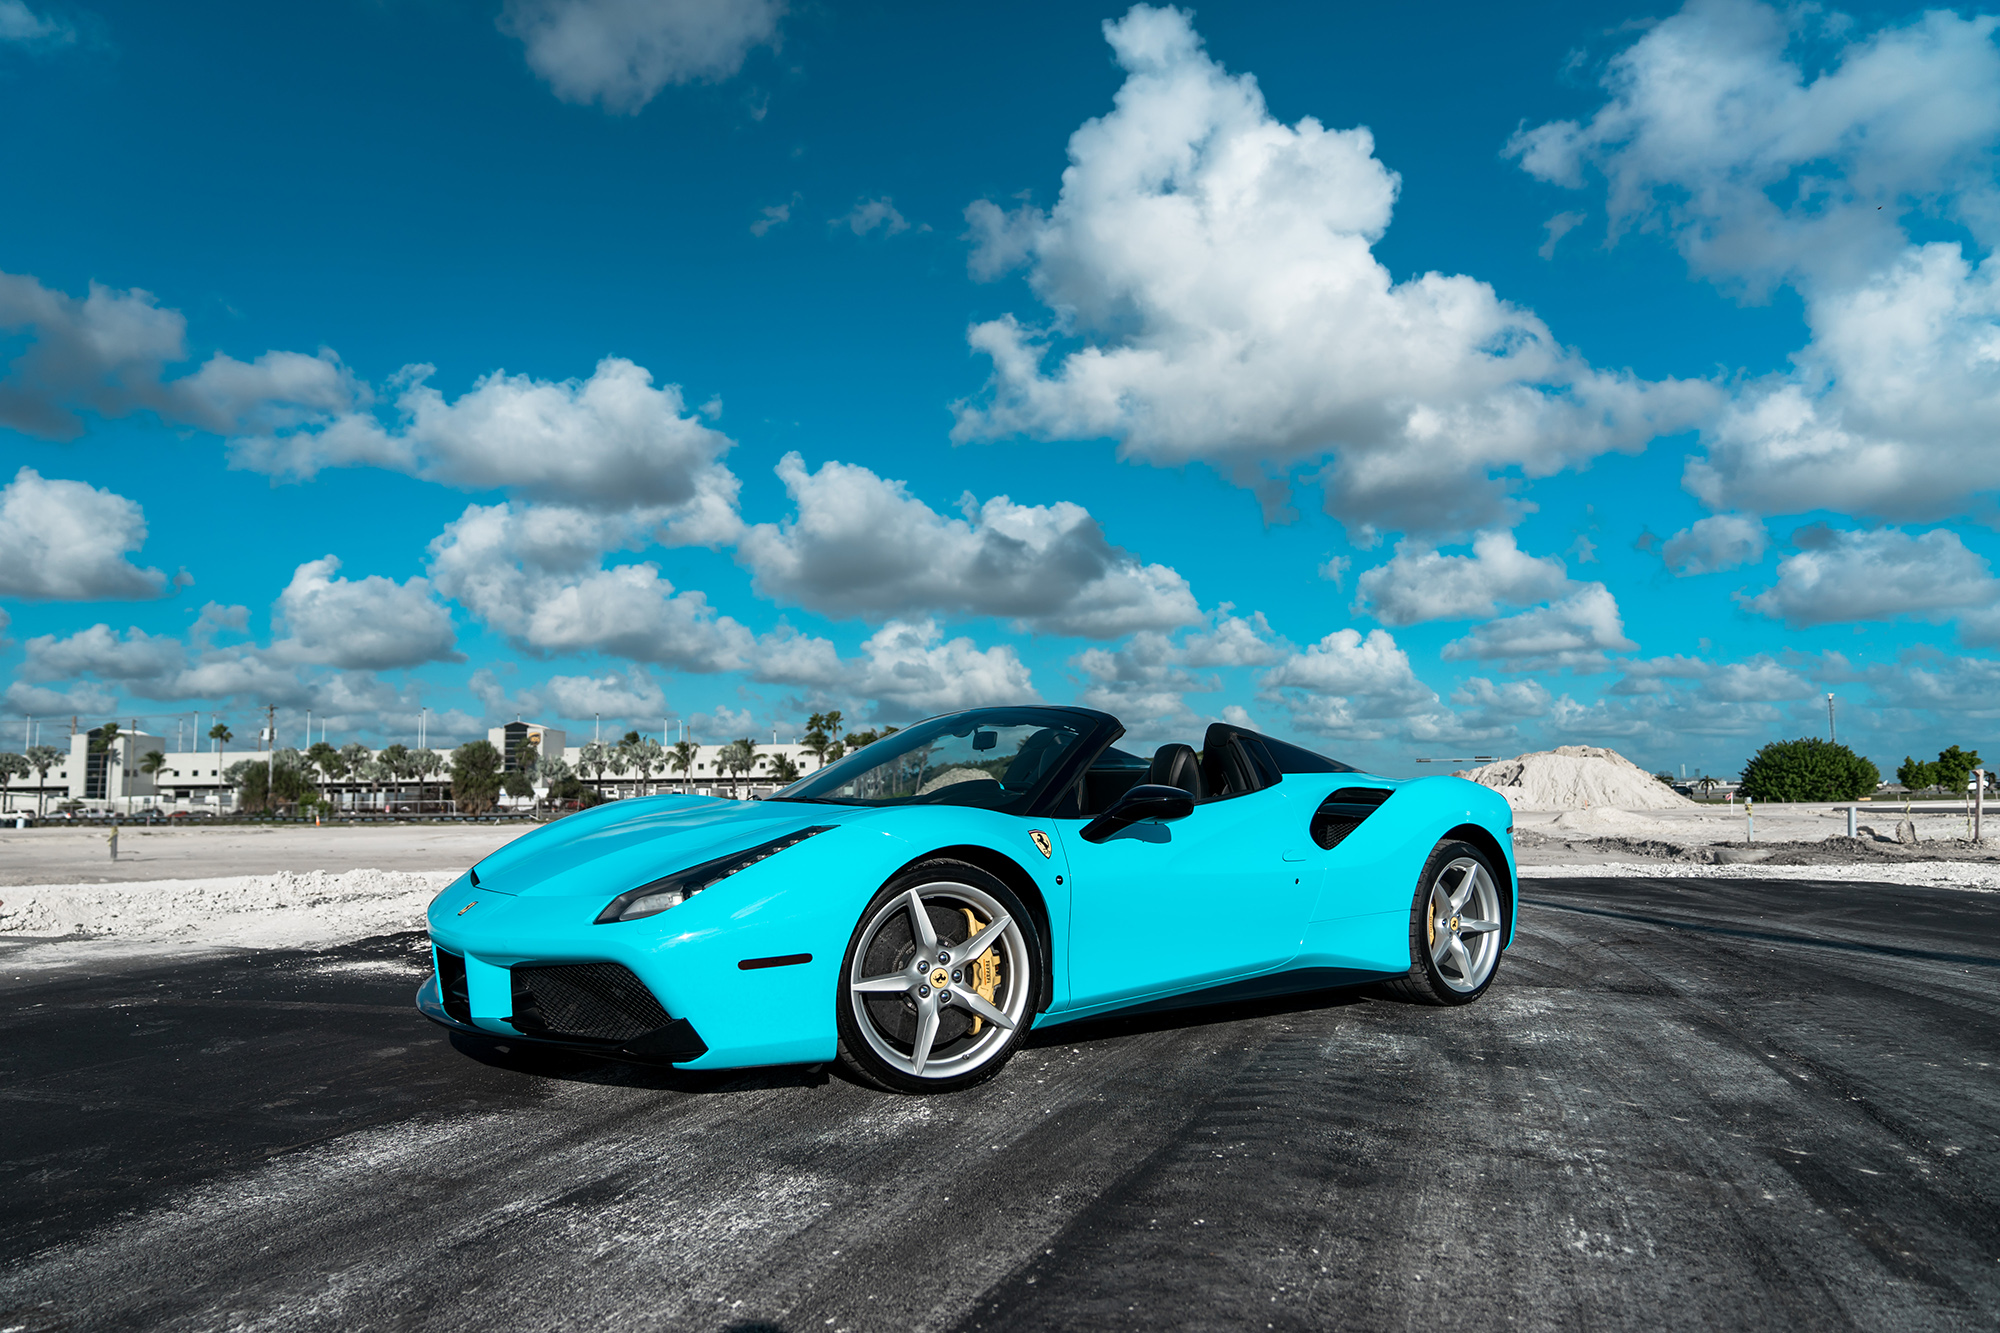 2018 Ferrari 488 Spider Tiffany Blue Boss Lifestyles Llc